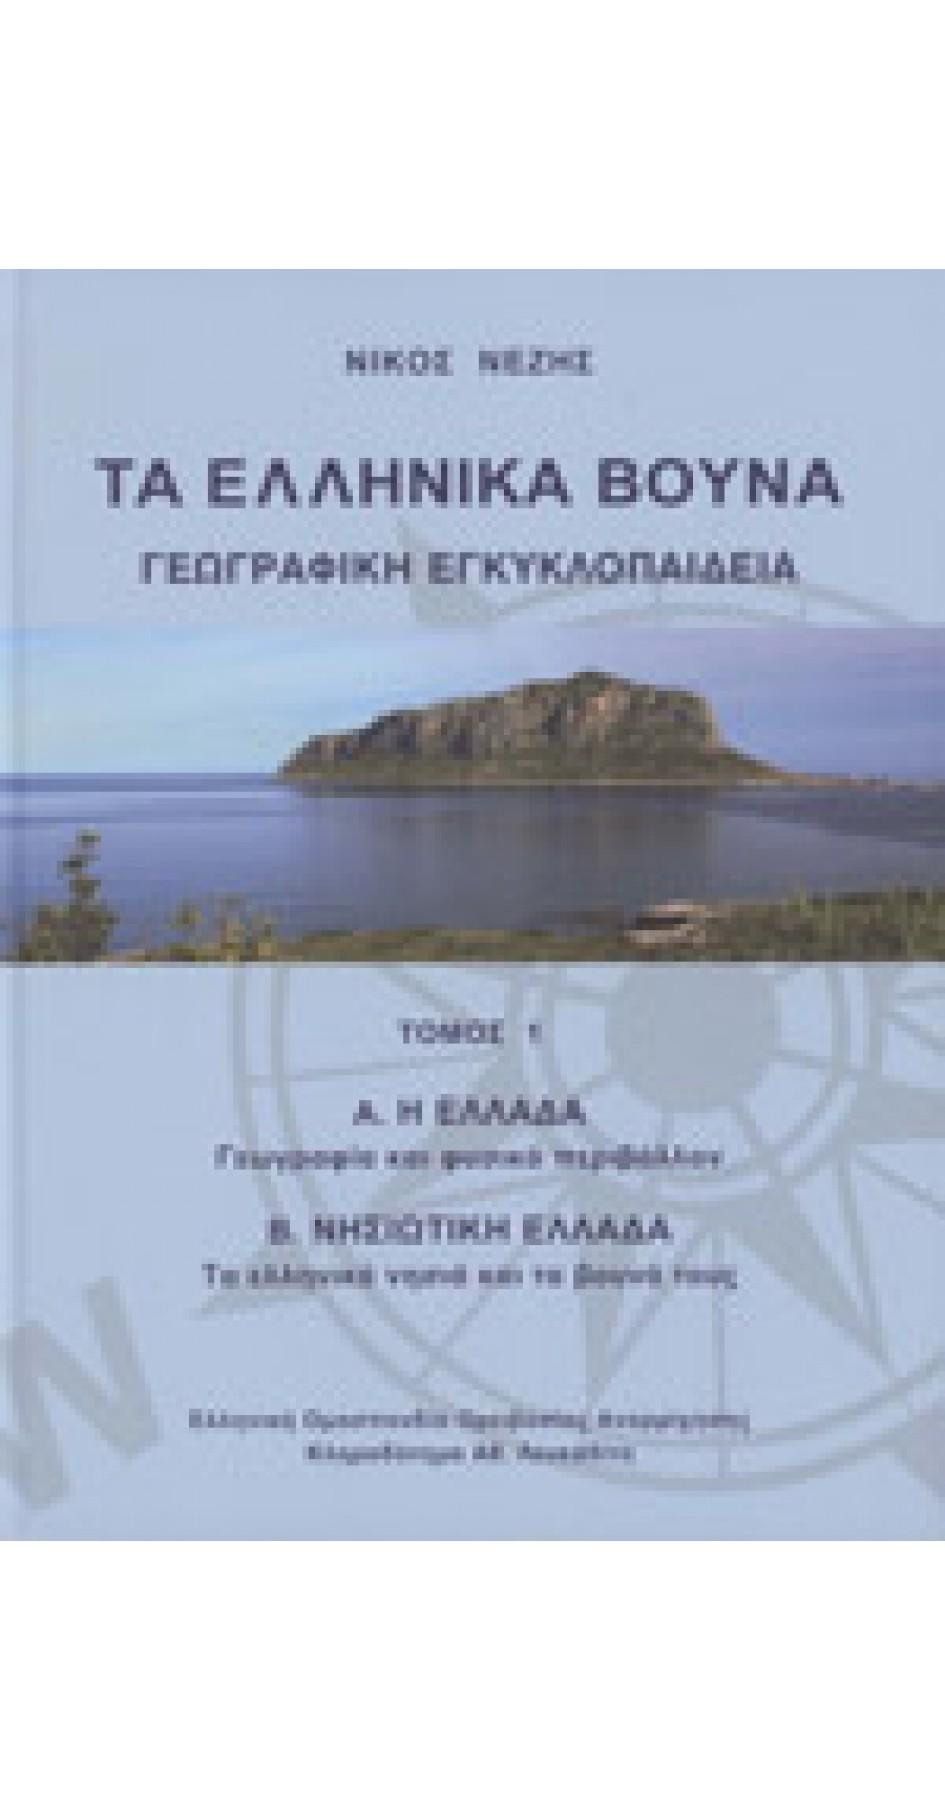 Τα Ελληνικά Βουνά (3τόμο) (book in Greek)